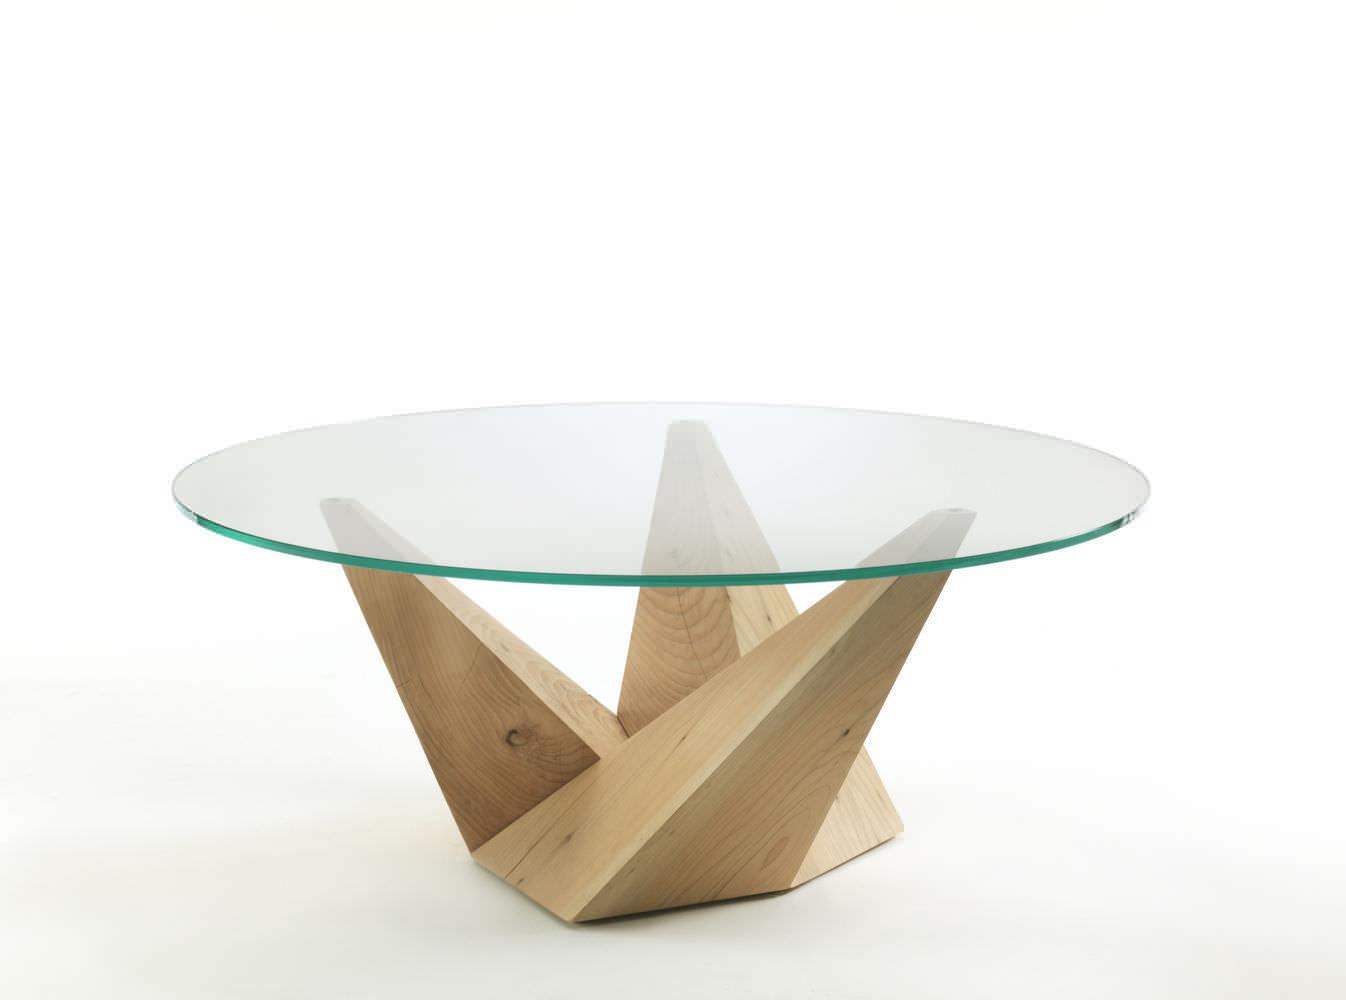 Tavolo Design In Legno : Tavoli in legno massiccio tavolo allungabile artigianale in